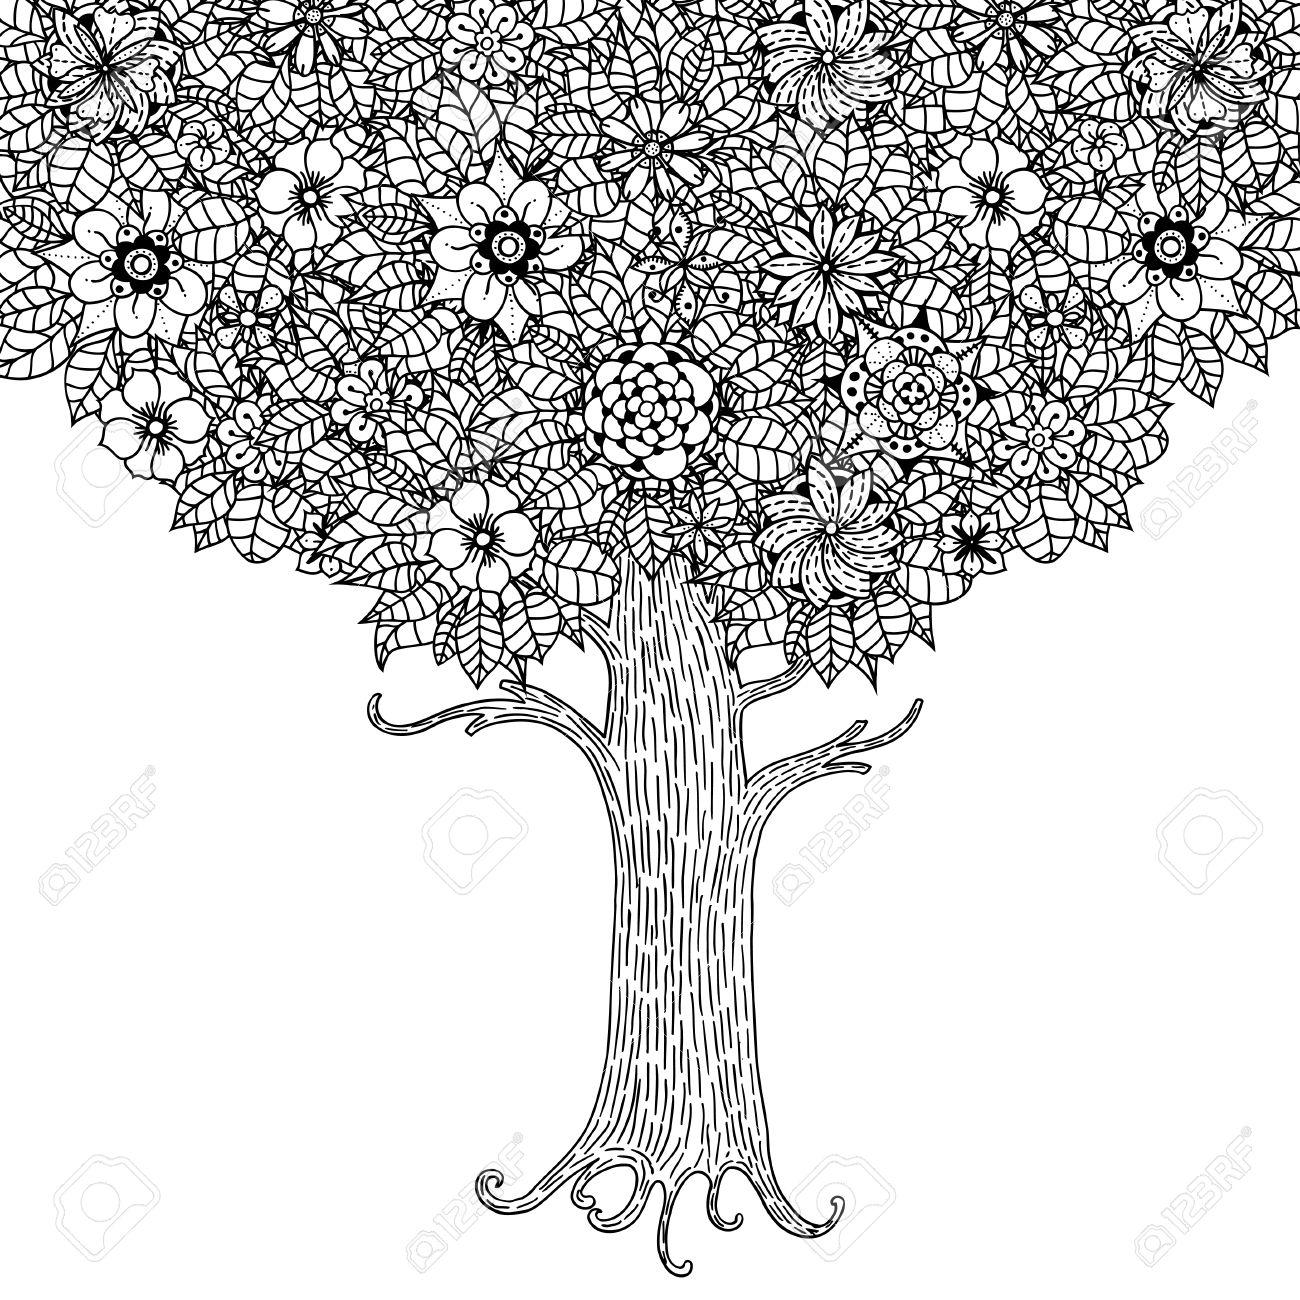 Rbol Con Las Hojas Y Las Flores. Vector. Página Para Colorear Libro ...